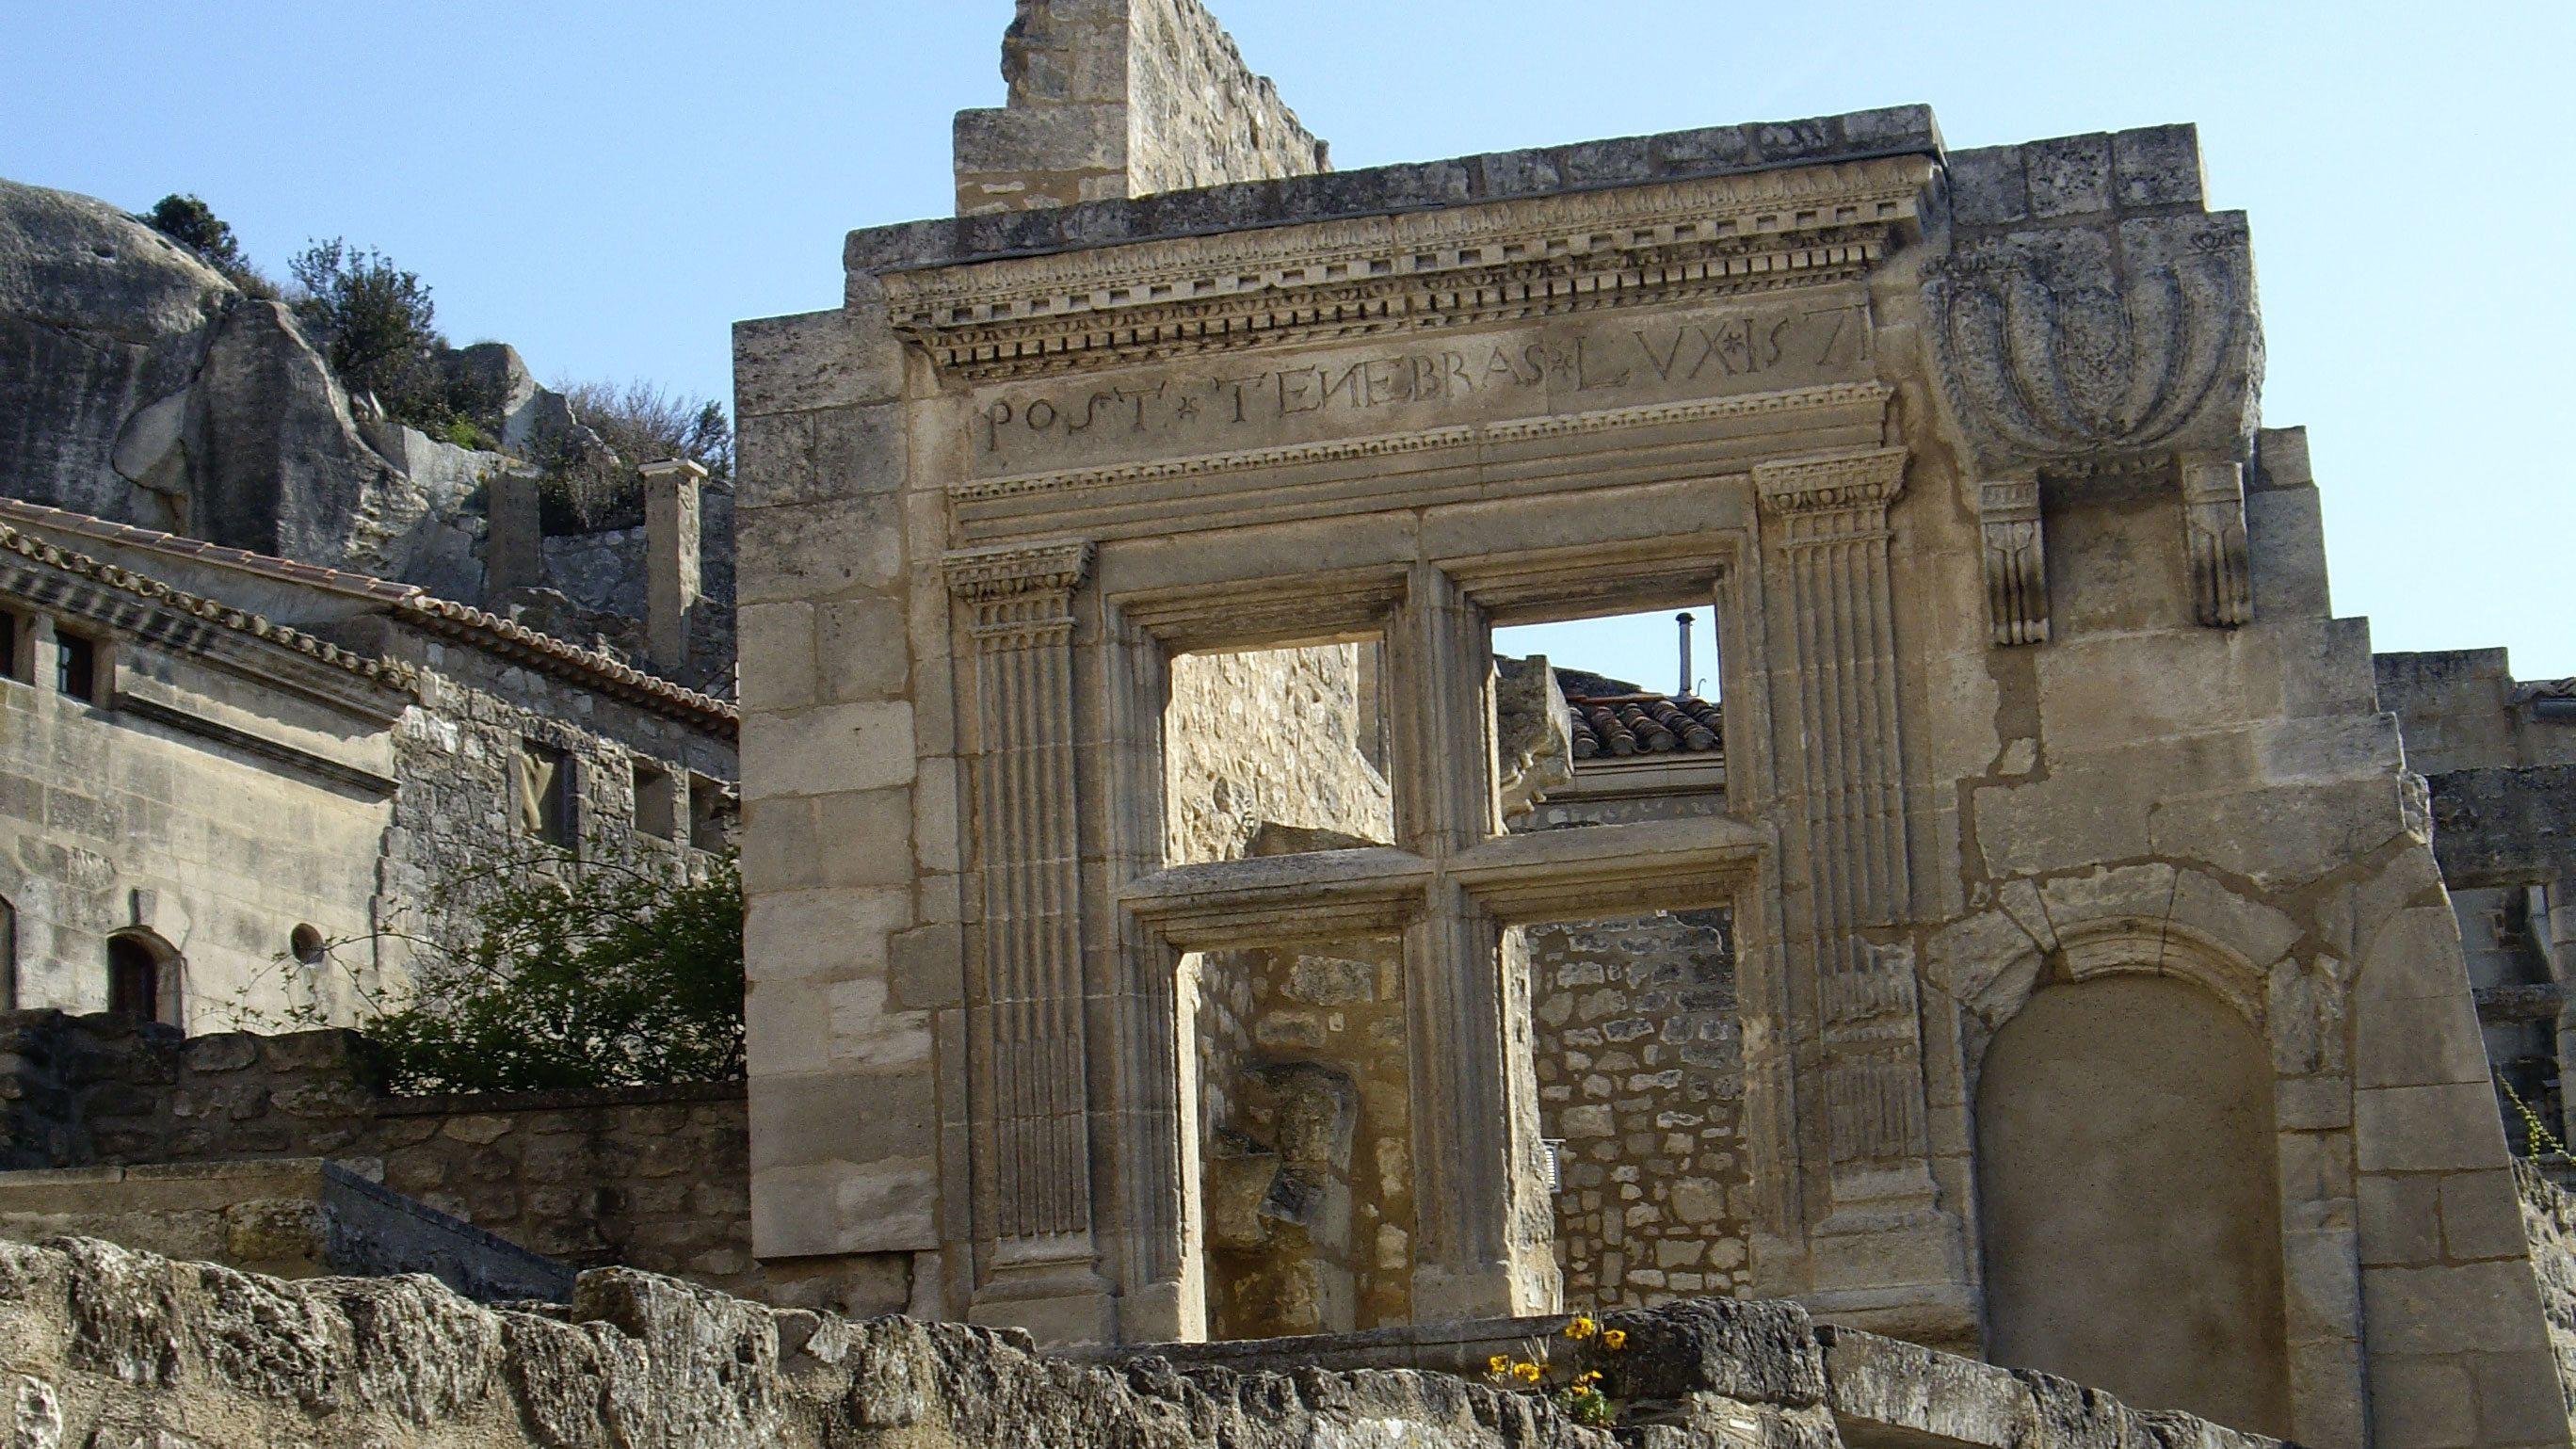 Ruins of the Château des Baux in Les Baux-de-Provence